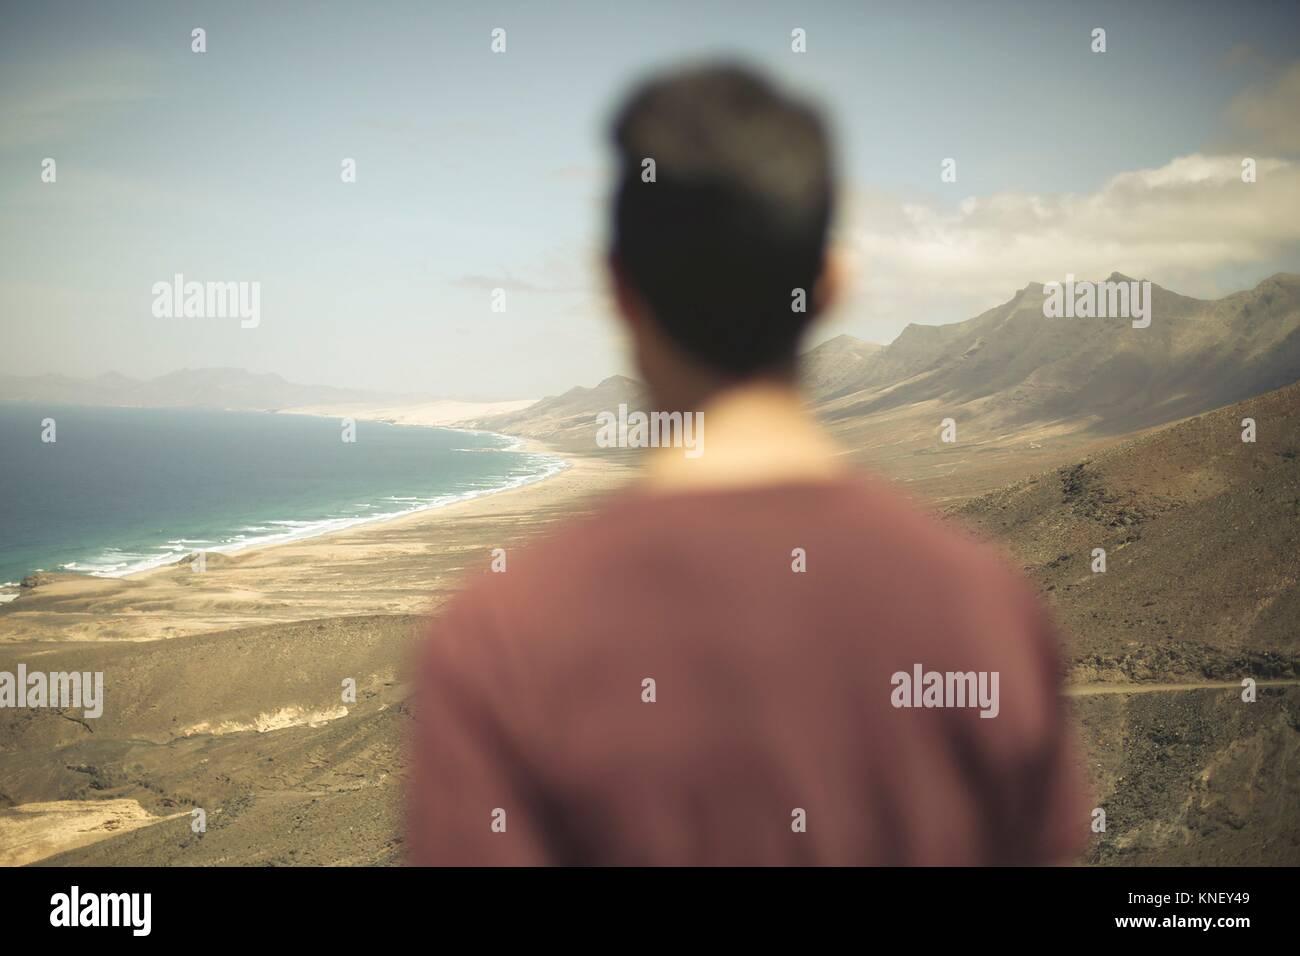 Mann in Cofete, Fuerteventura, Kanarische Inseln, Spanien. Stockbild